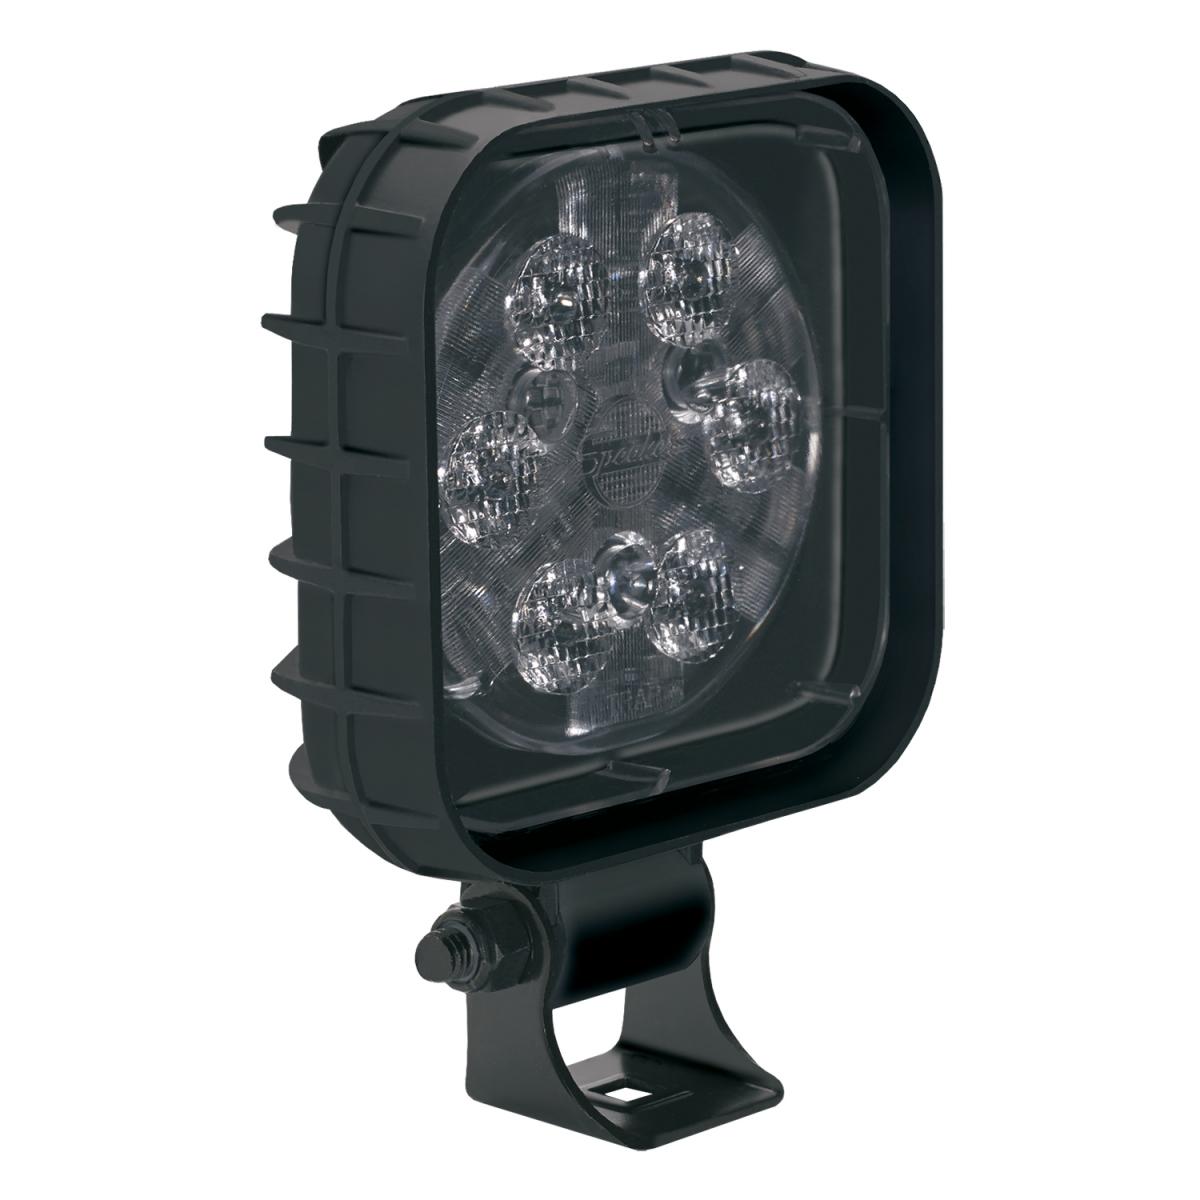 12-24V LED Work Light - Trapezoid Beam